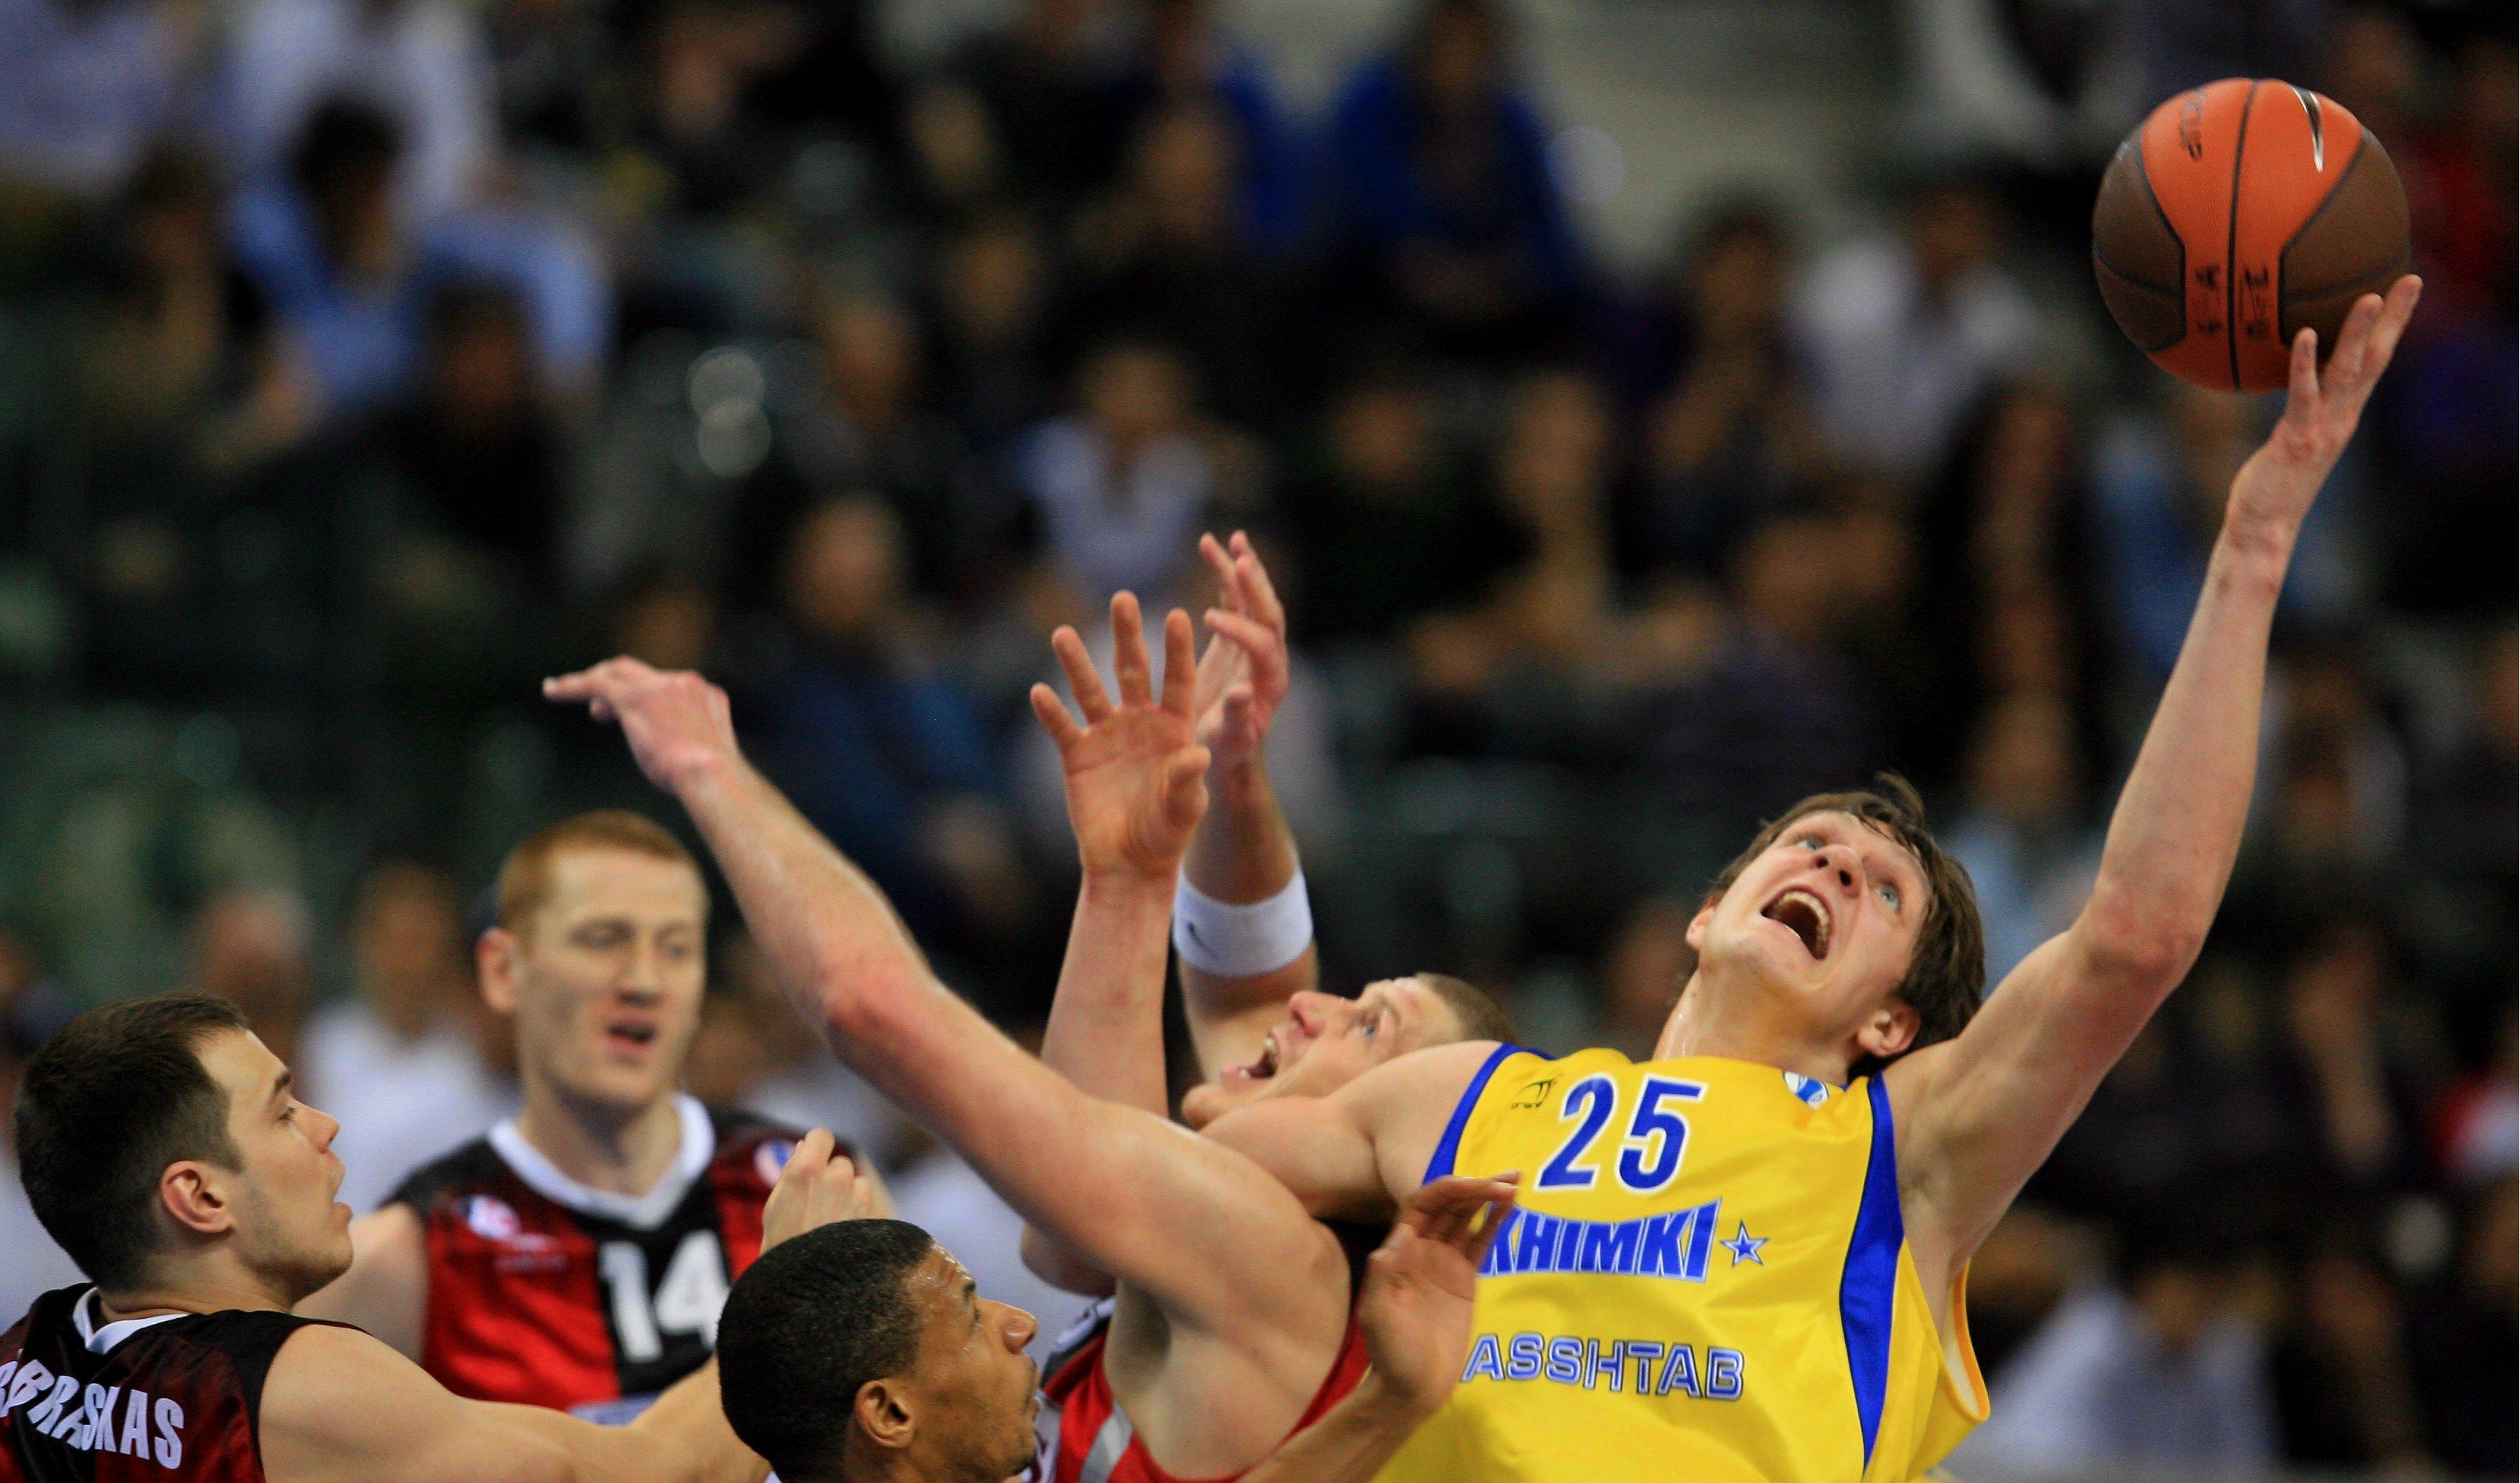 Мозгов возвращается в «Химки». В Россию впервые приедет чемпион НБА